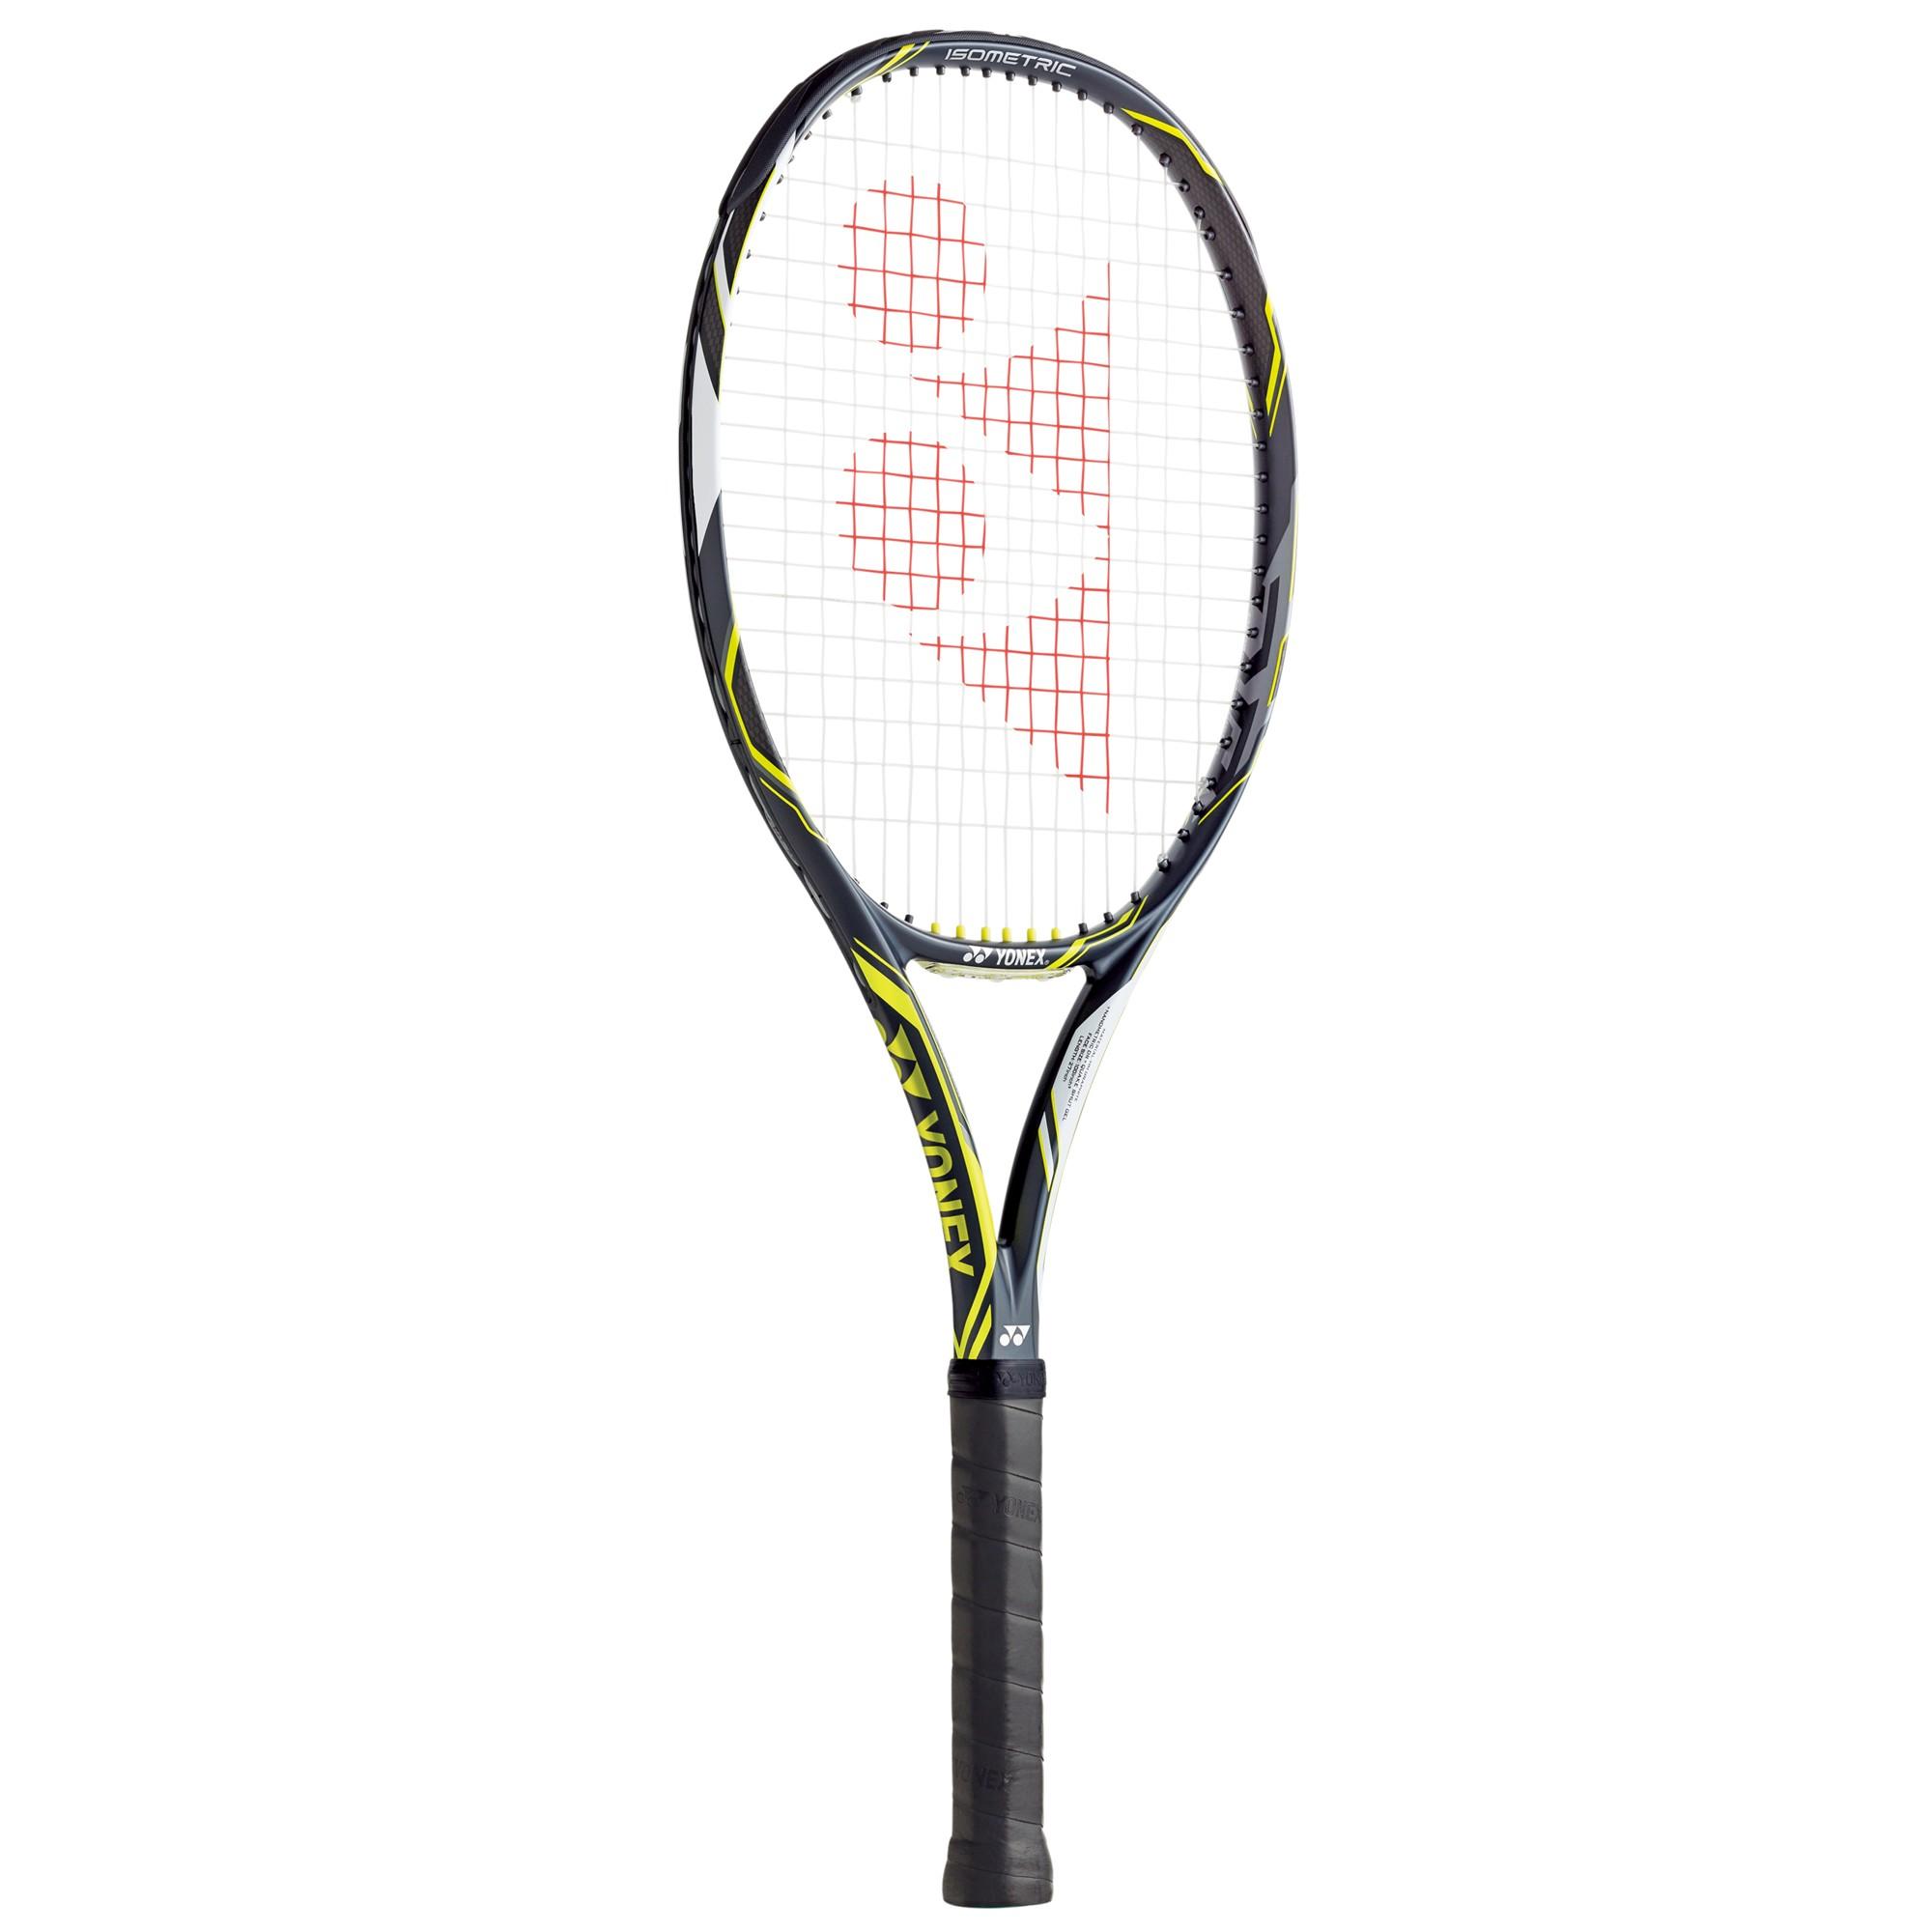 Rakieta tenisowa Yonex EZONE DR 100 (285g)